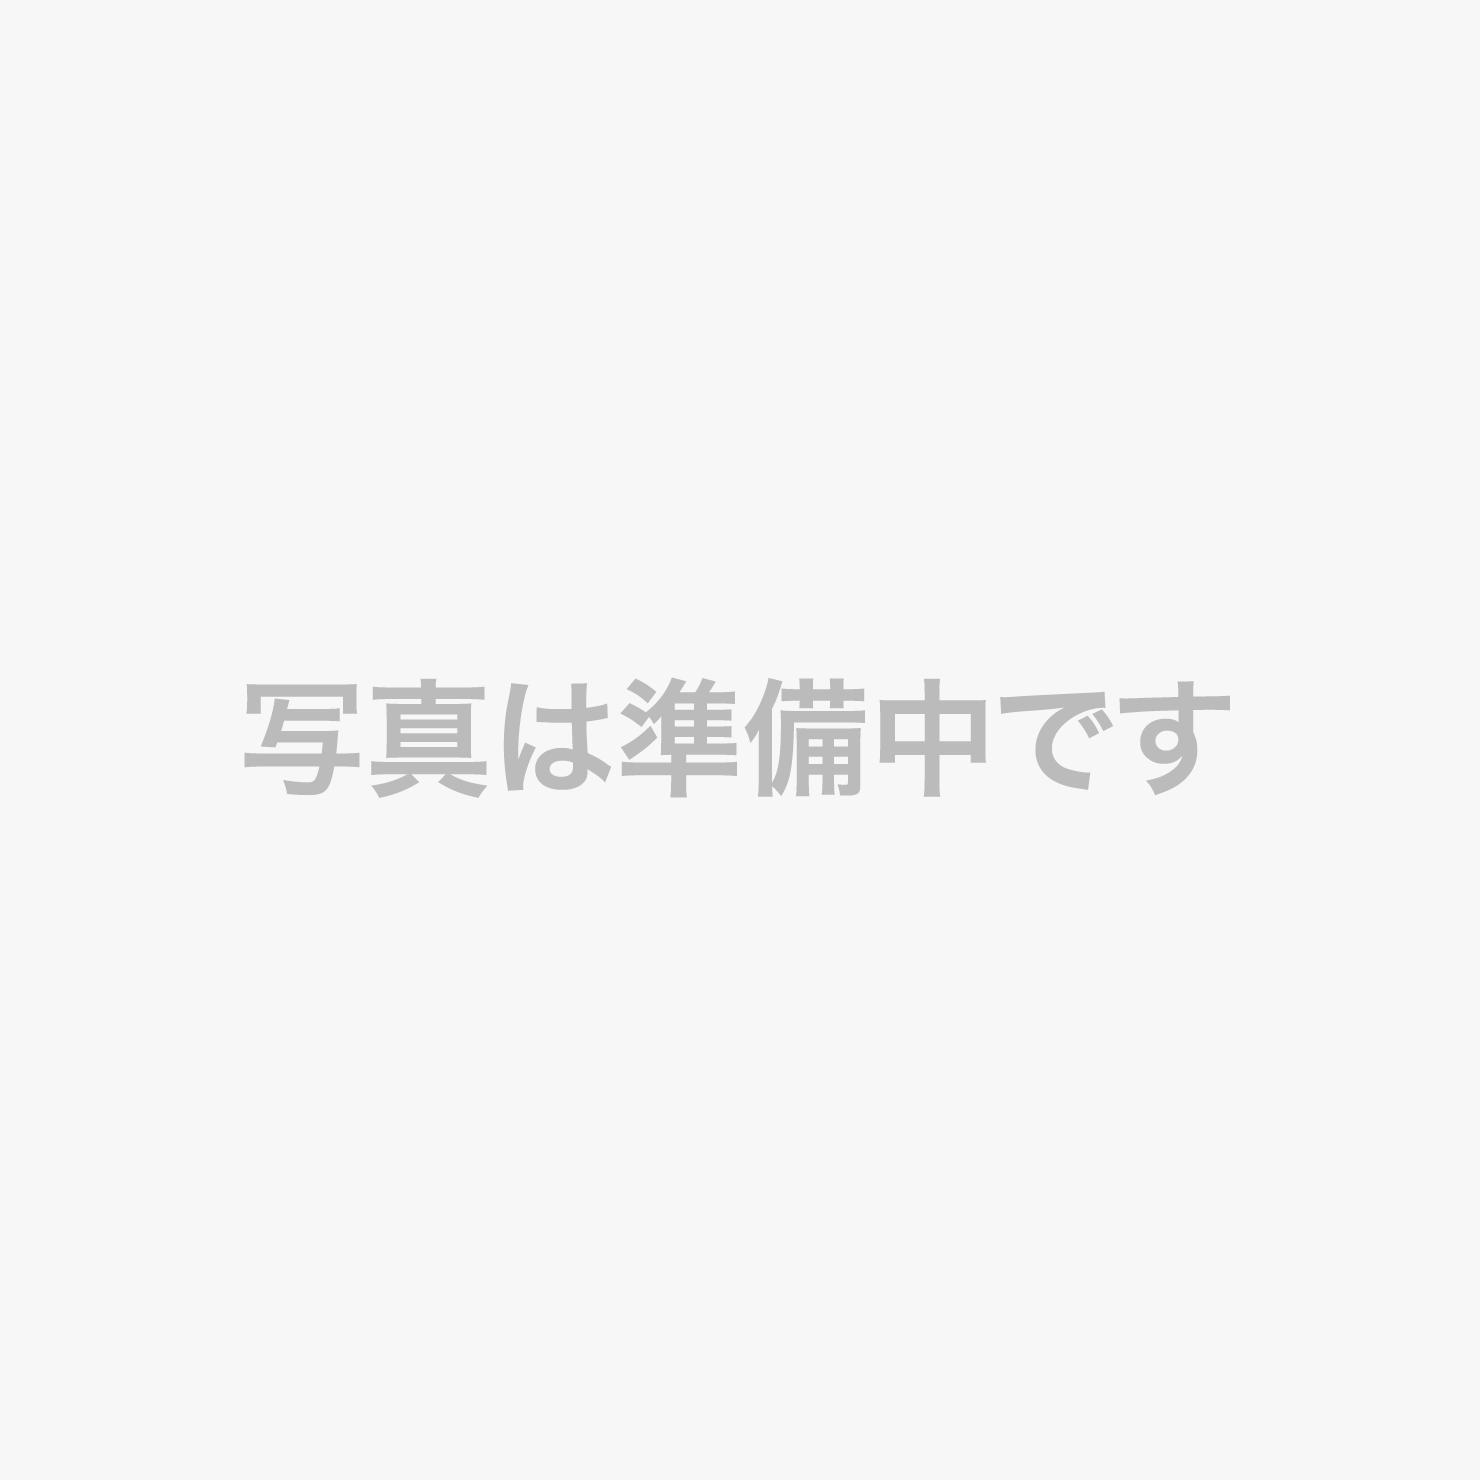 別注料理:ホラ貝のお造り(時価)